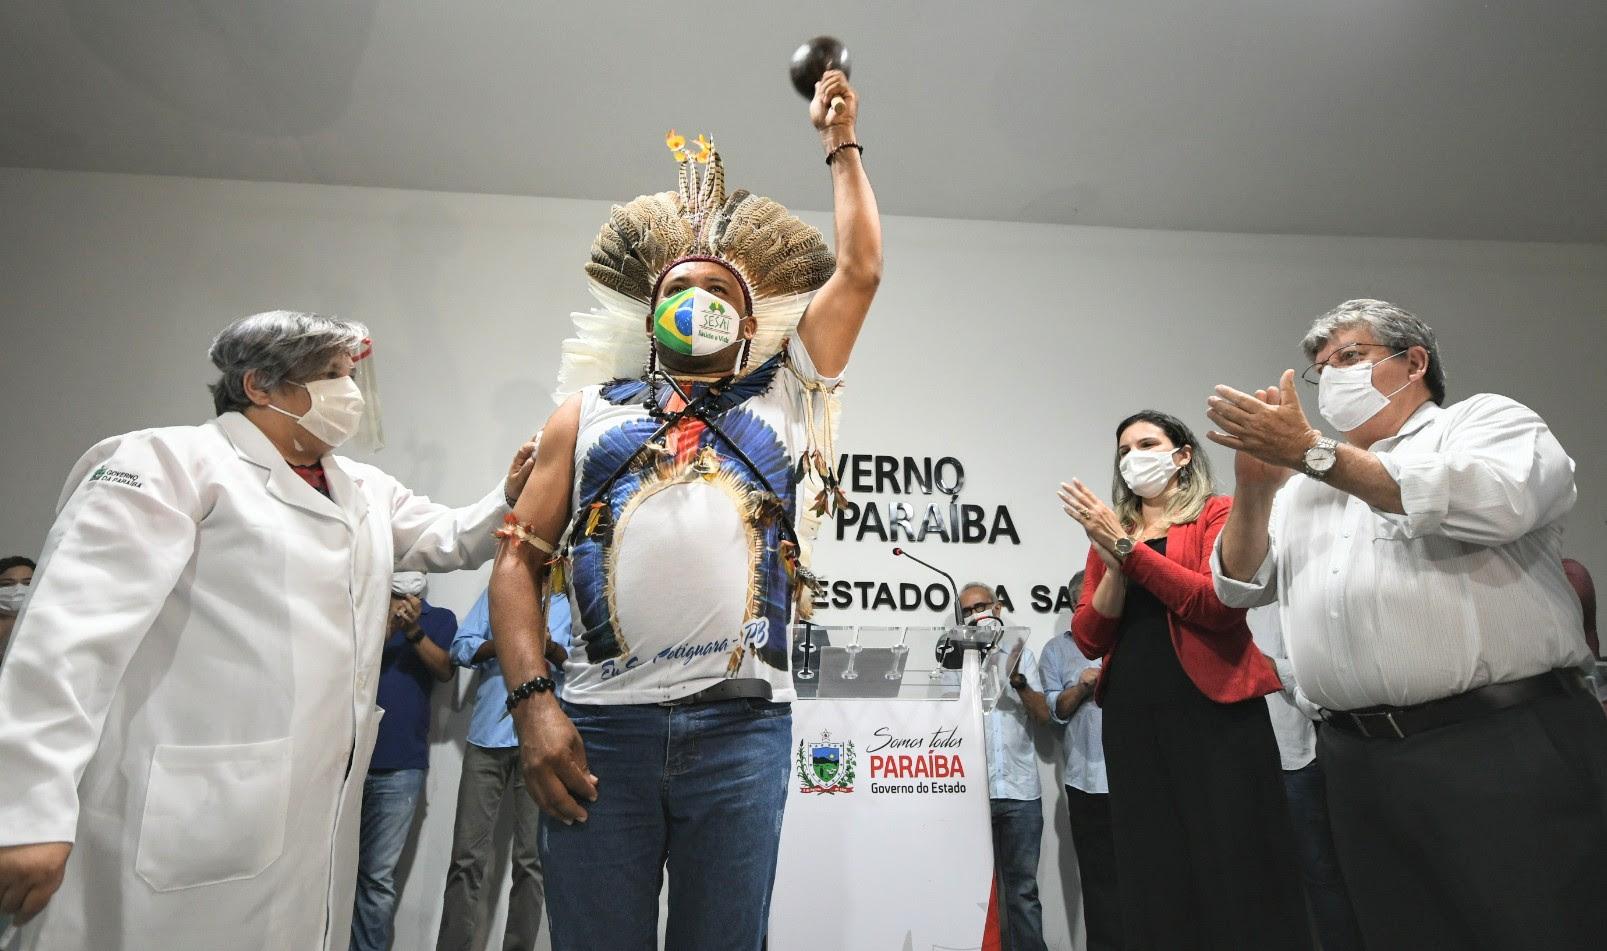 Rn é o único estado do brasil que não recebeu doses para vacinar indígenas contra a covid-19